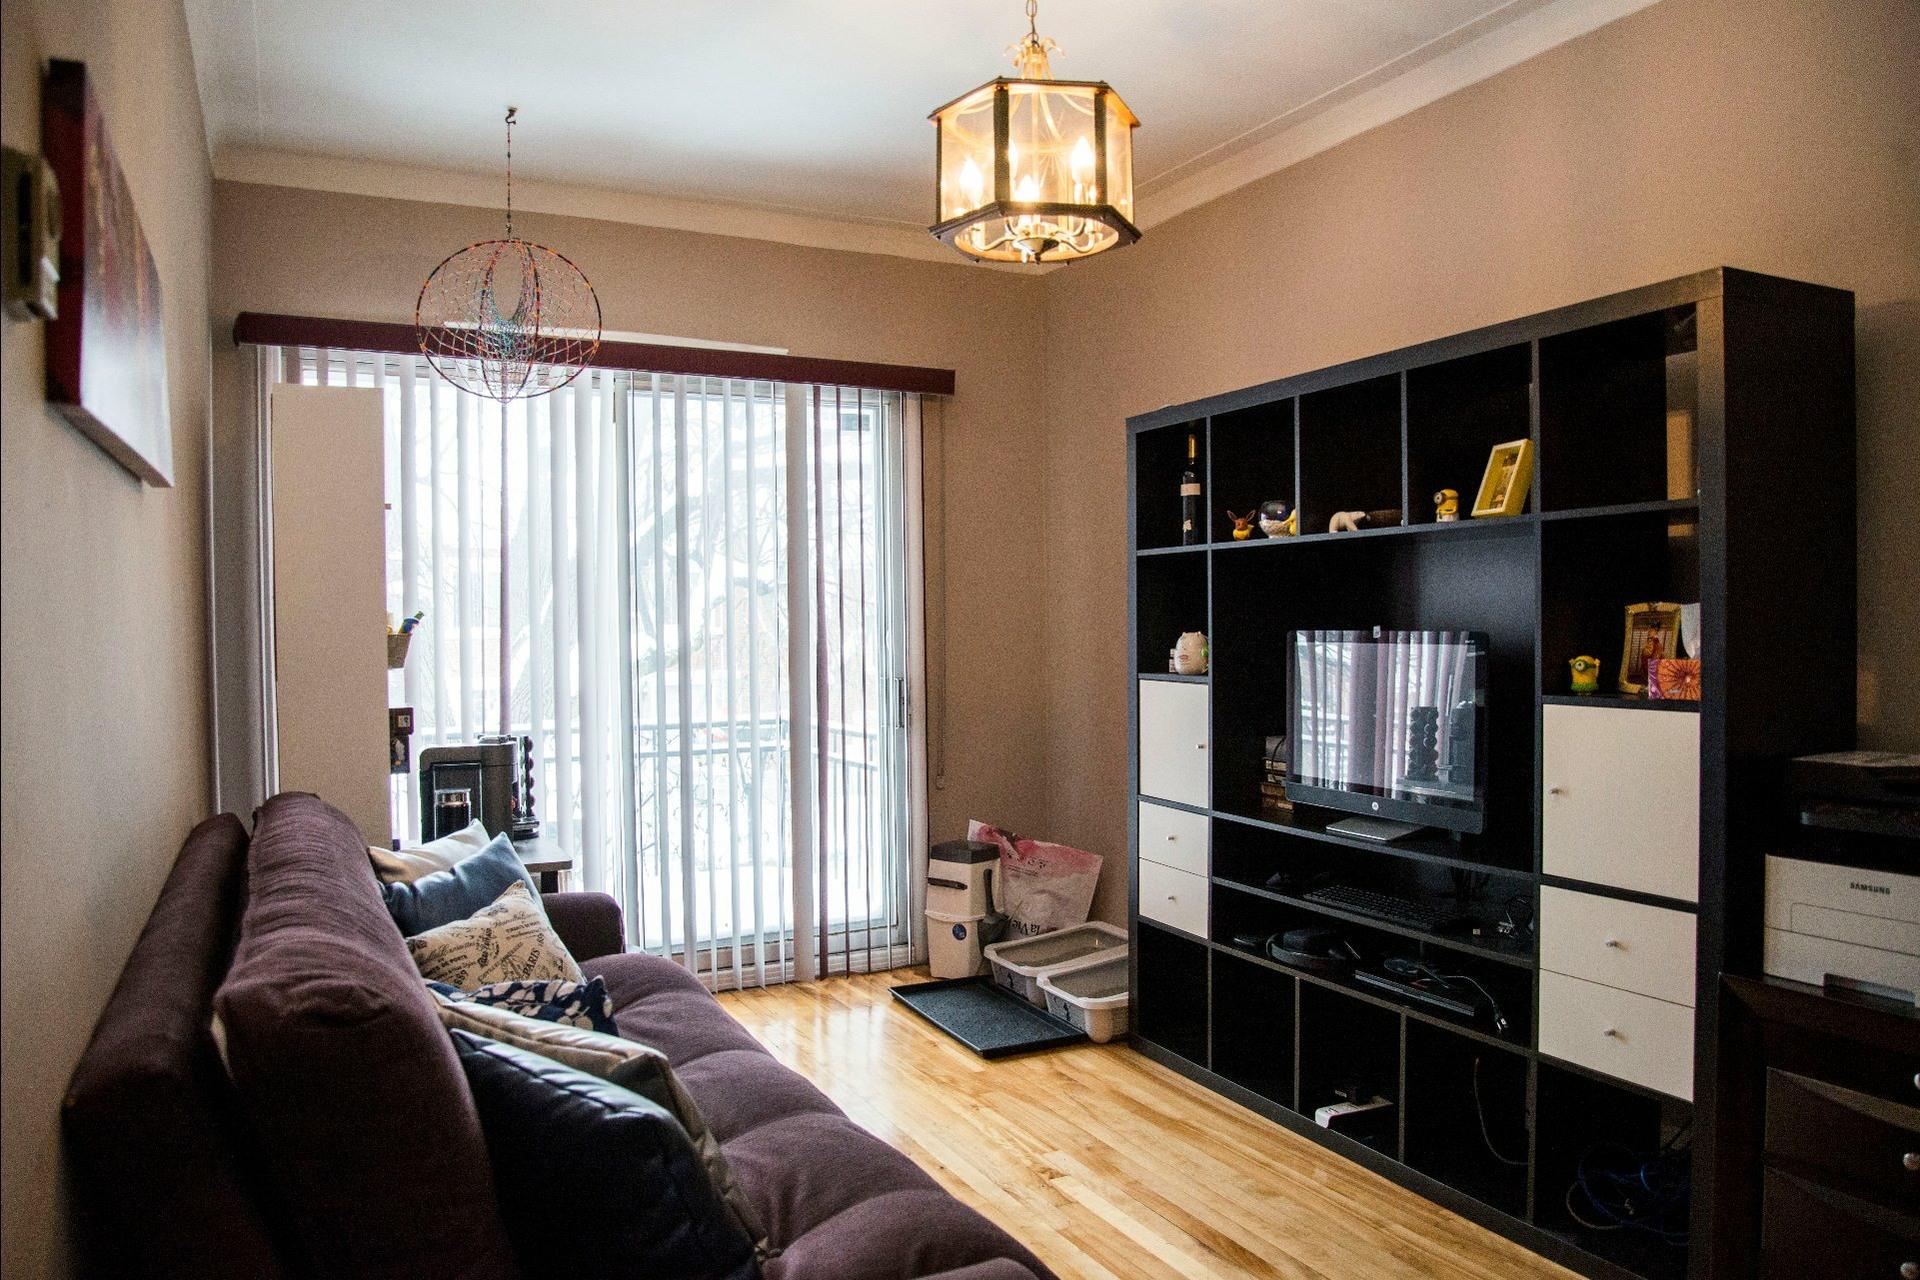 image 8 - Duplex À vendre Villeray/Saint-Michel/Parc-Extension Montréal  - 5 pièces